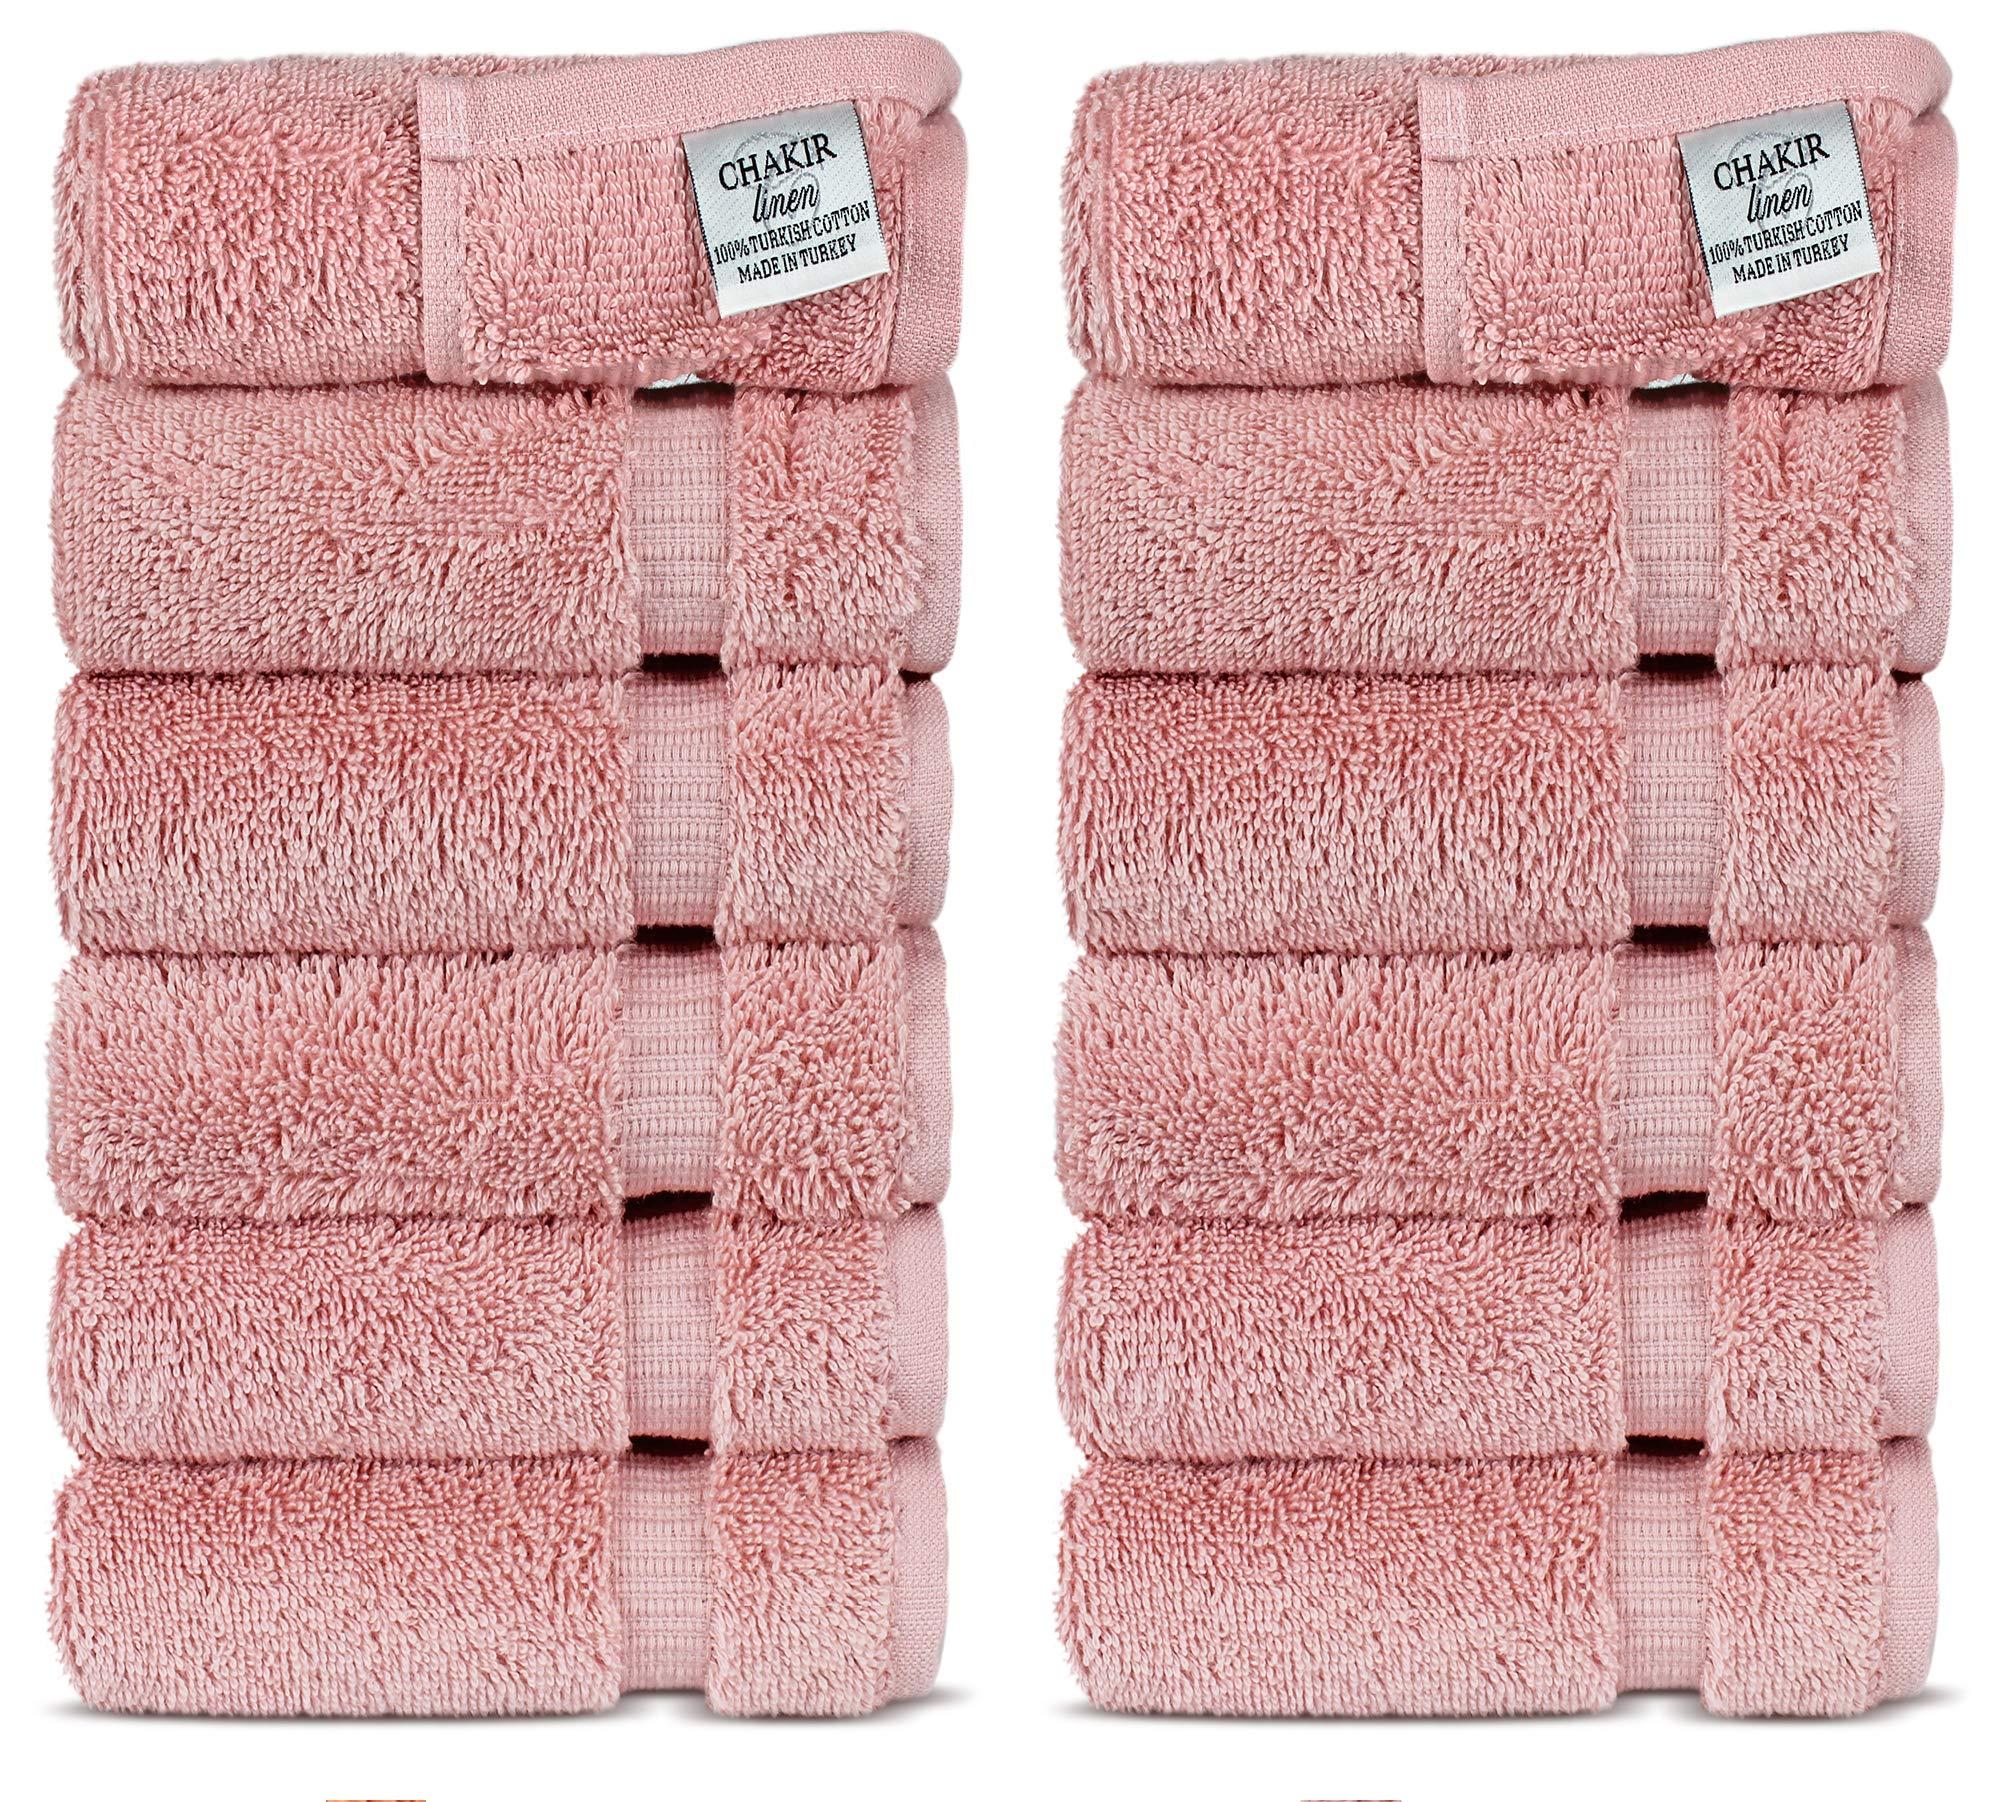 Chakir Turkish Linens Luxury Hotel & Spa Washcloths Turkish Cotton, 13'' x 13'', Set of 12 (Pink)